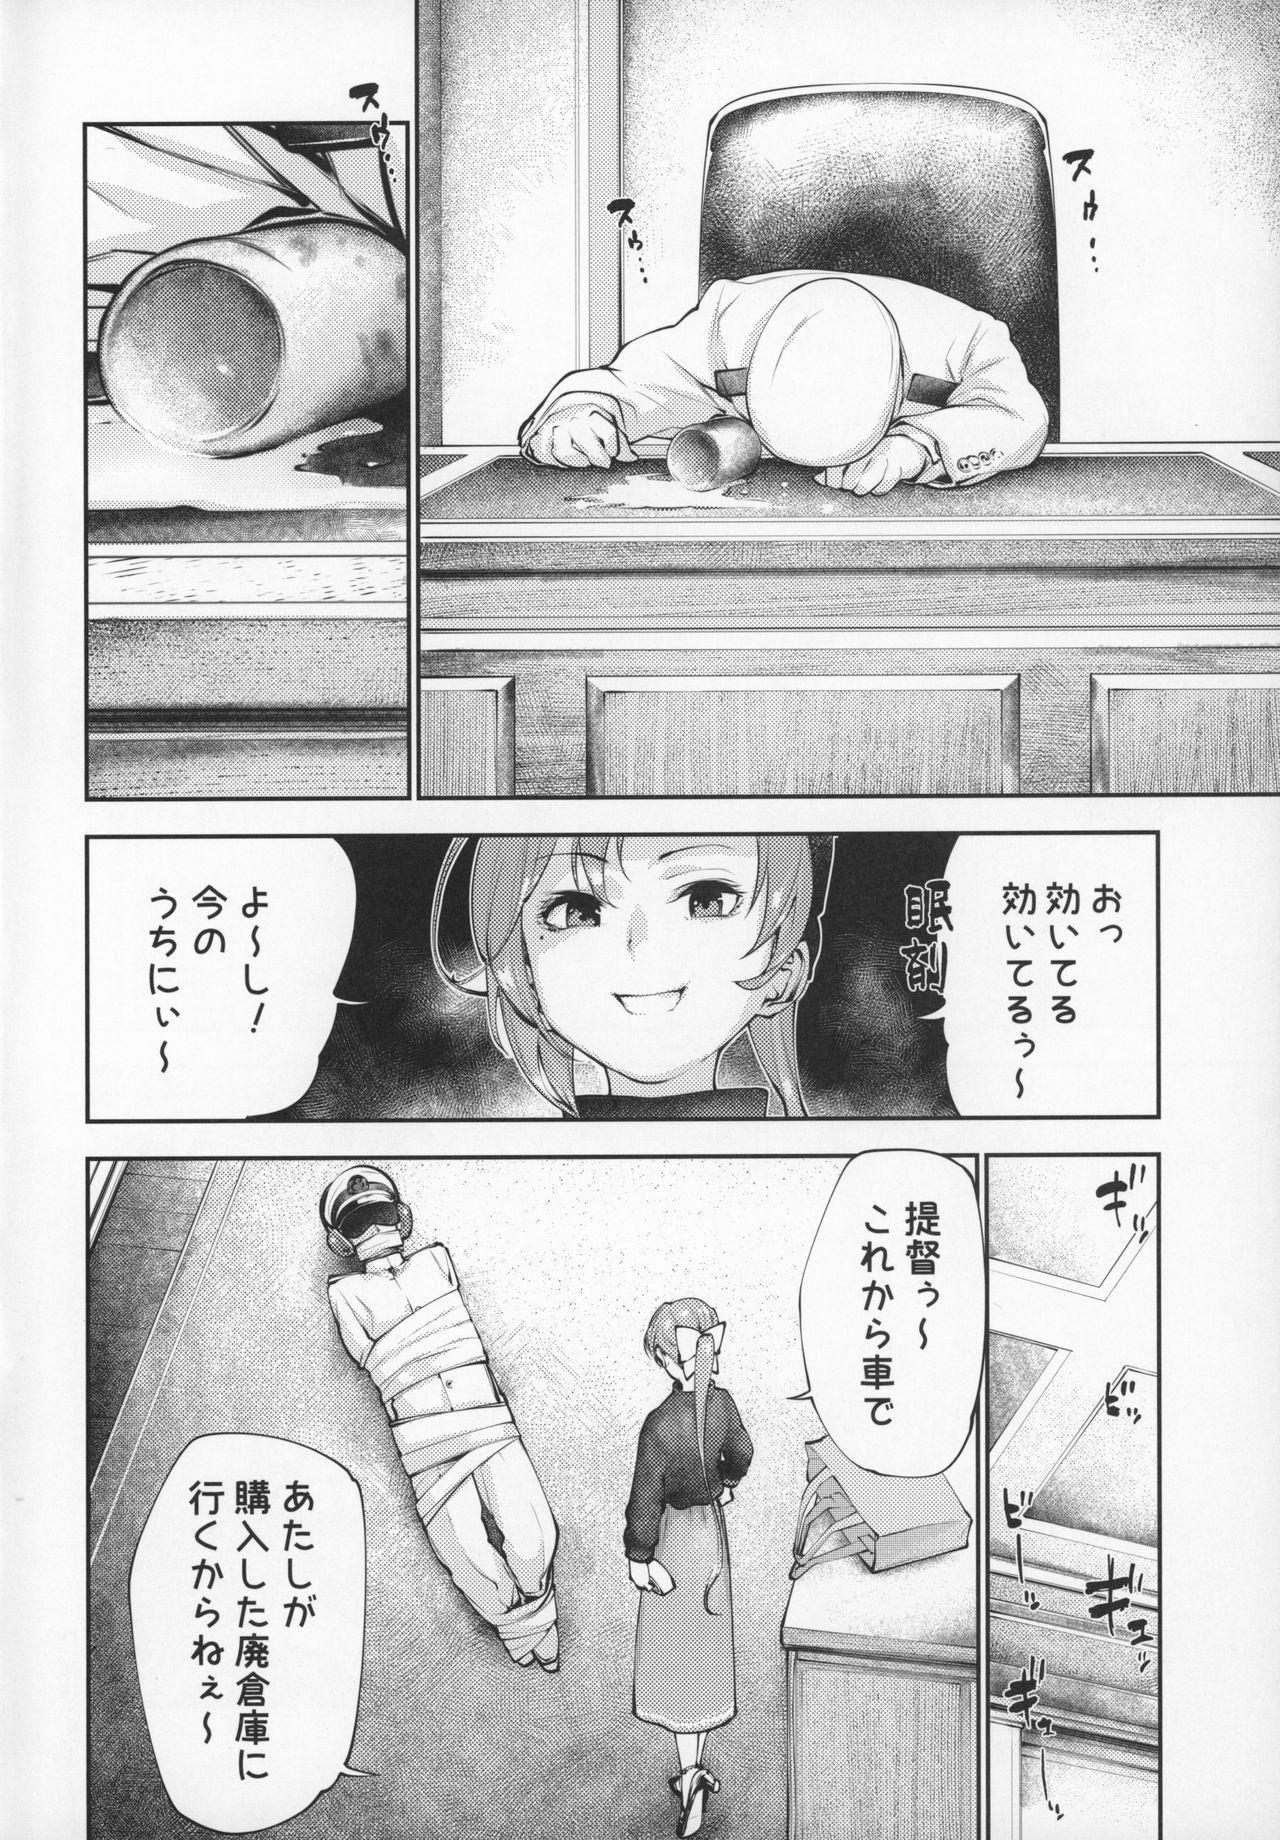 [kitsunenotera (bouko)] Kou demo Shinakya Akigumo-san 25-sai ga Teitoku to Hameru Kikai Isshou Konai desho (Kantai Collection -KanColle-) 2